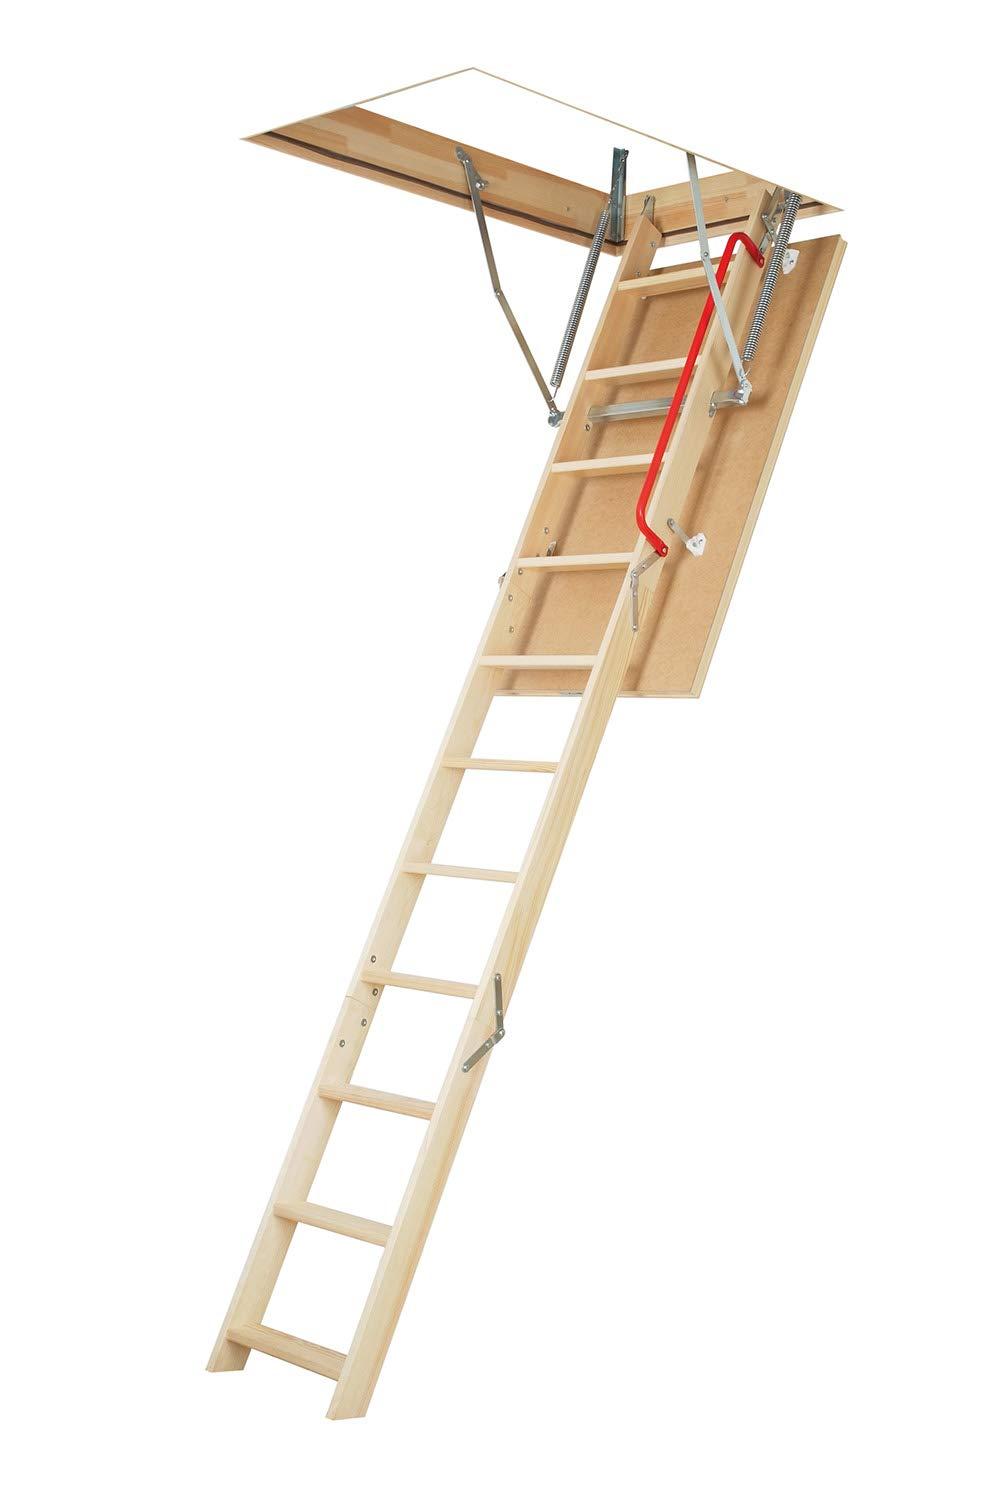 FAKRO con aislamiento x 119,38 cm Rough de 22 de ático escalera para aberturas: Amazon.es: Bricolaje y herramientas